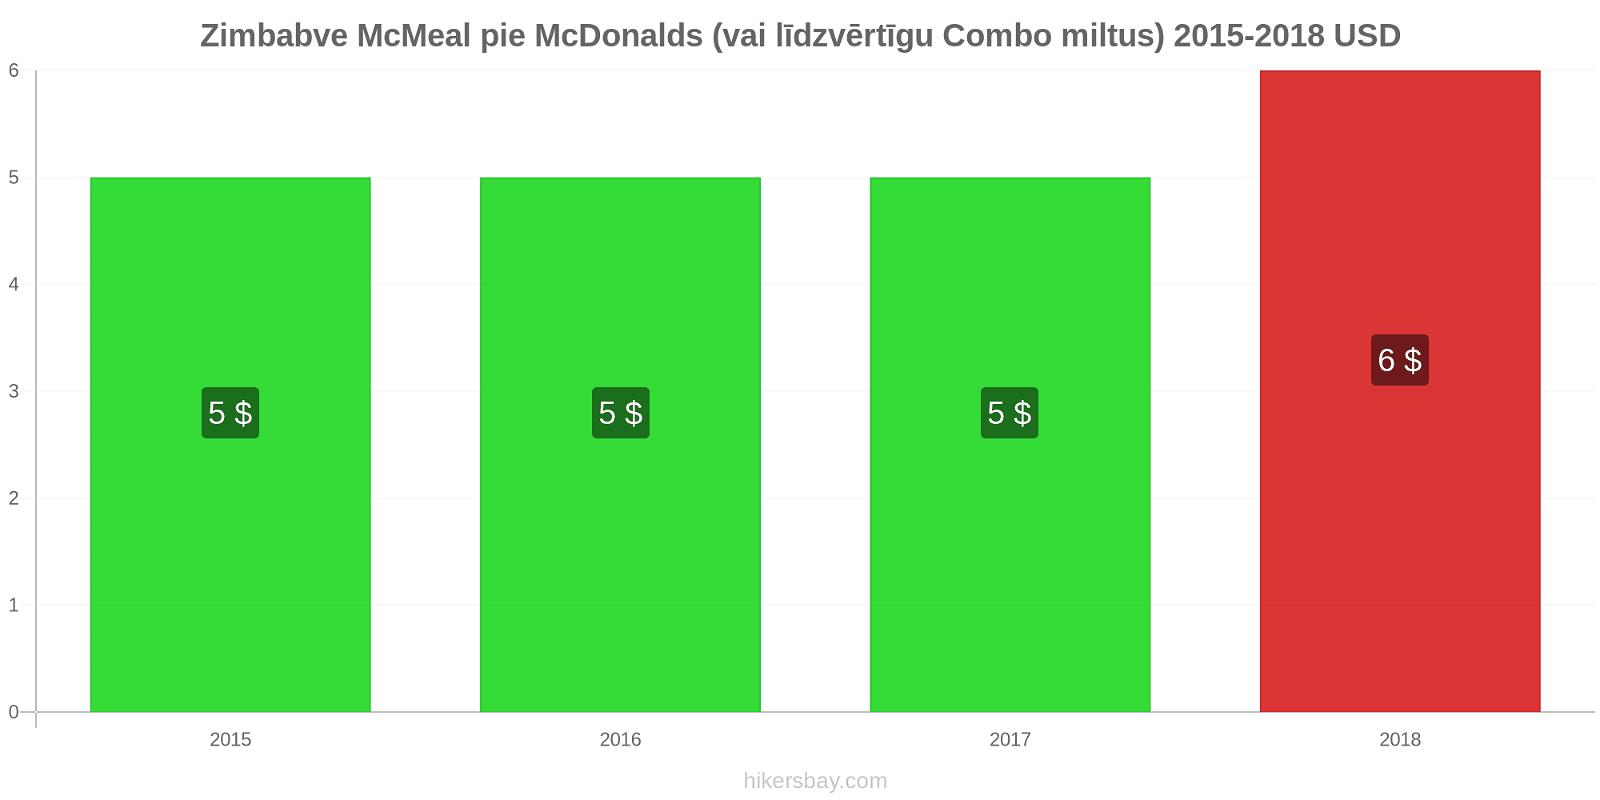 Zimbabve cenu izmaiņas McMeal pie McDonalds (vai līdzvērtīgu Combo miltus) hikersbay.com